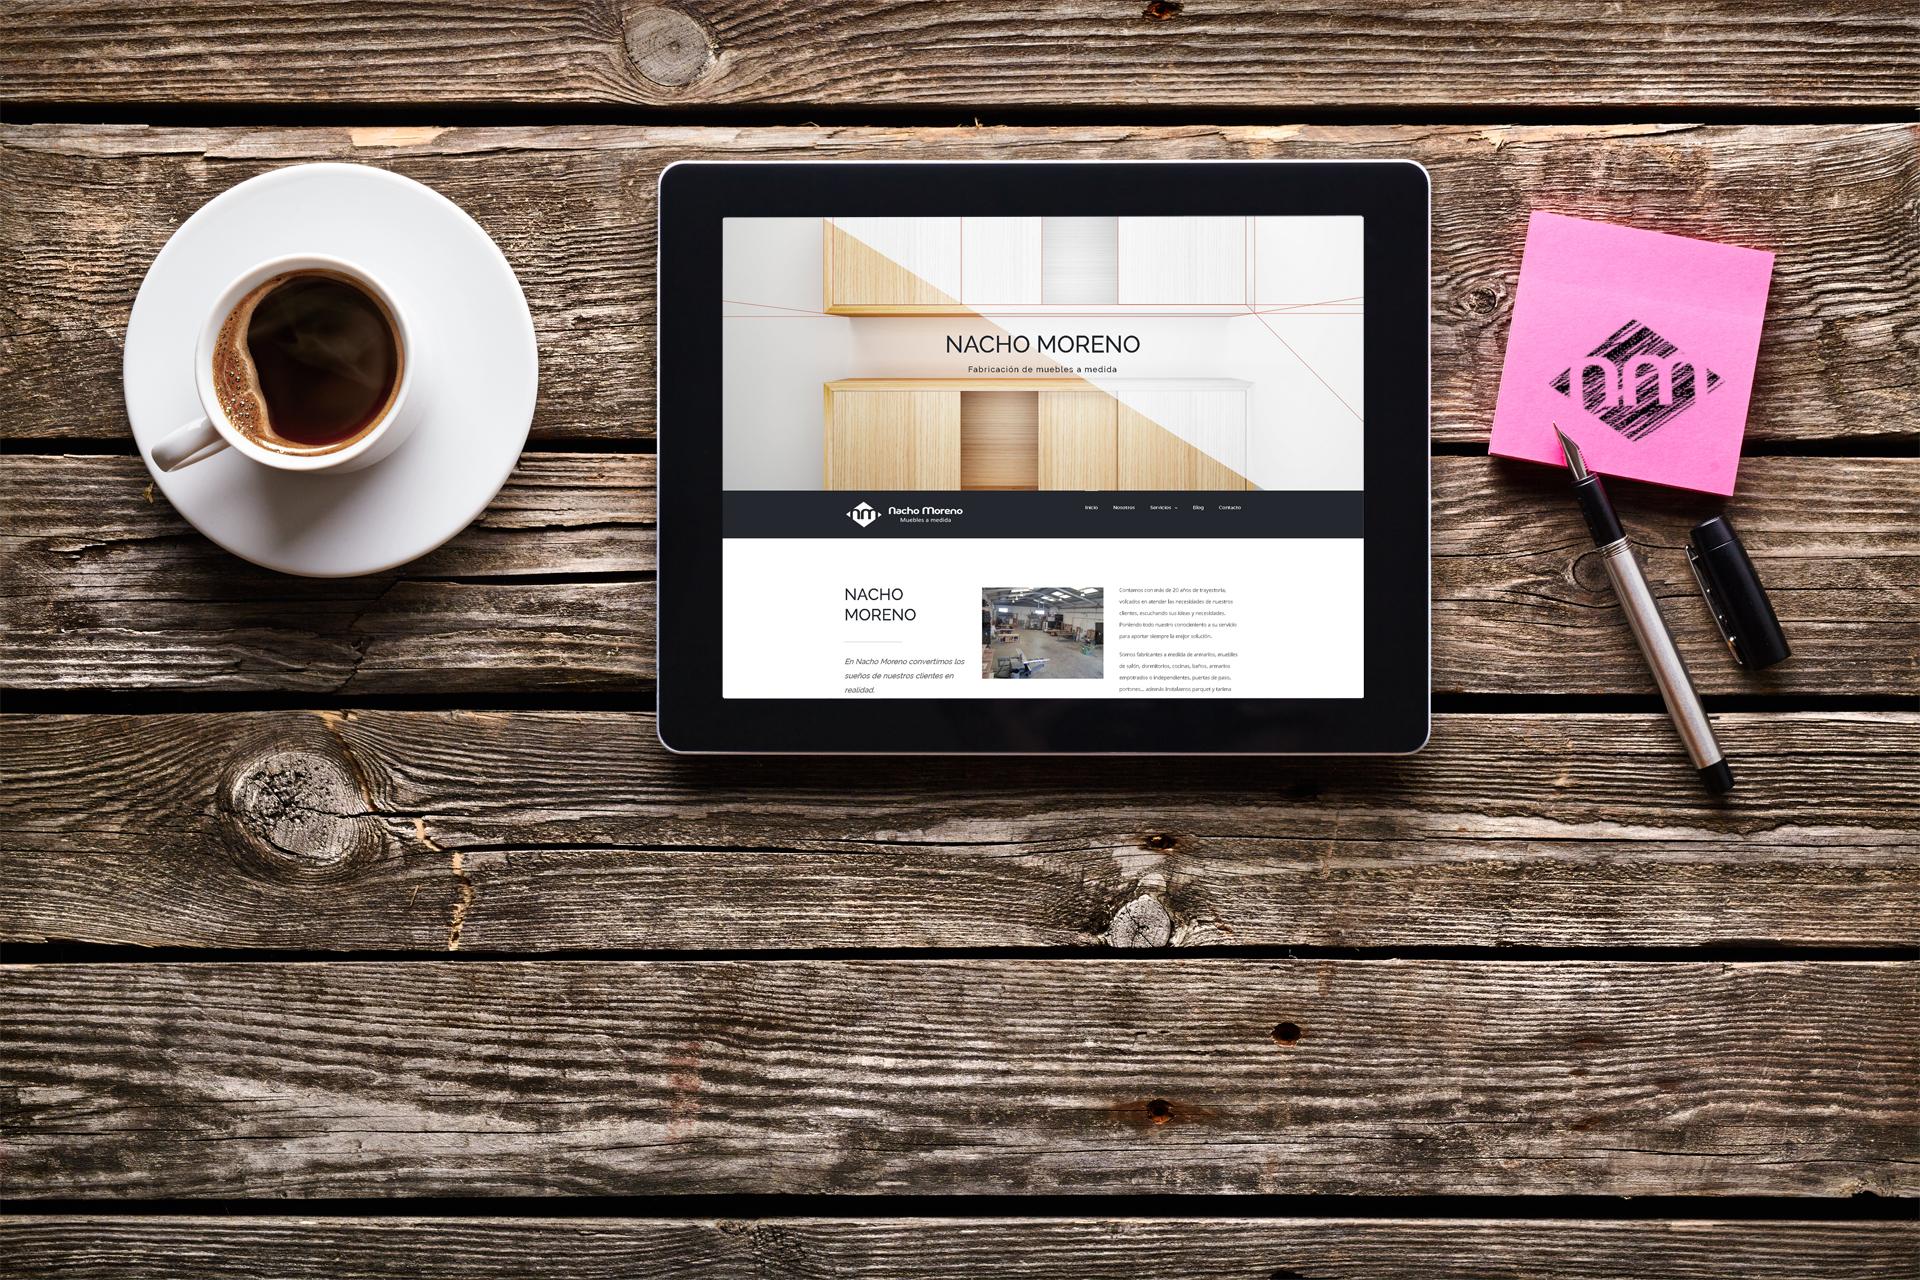 Estrenamos Nueva Web Muebles A Medida En Valencia Nacho Moreno # Muebles Pagina Web